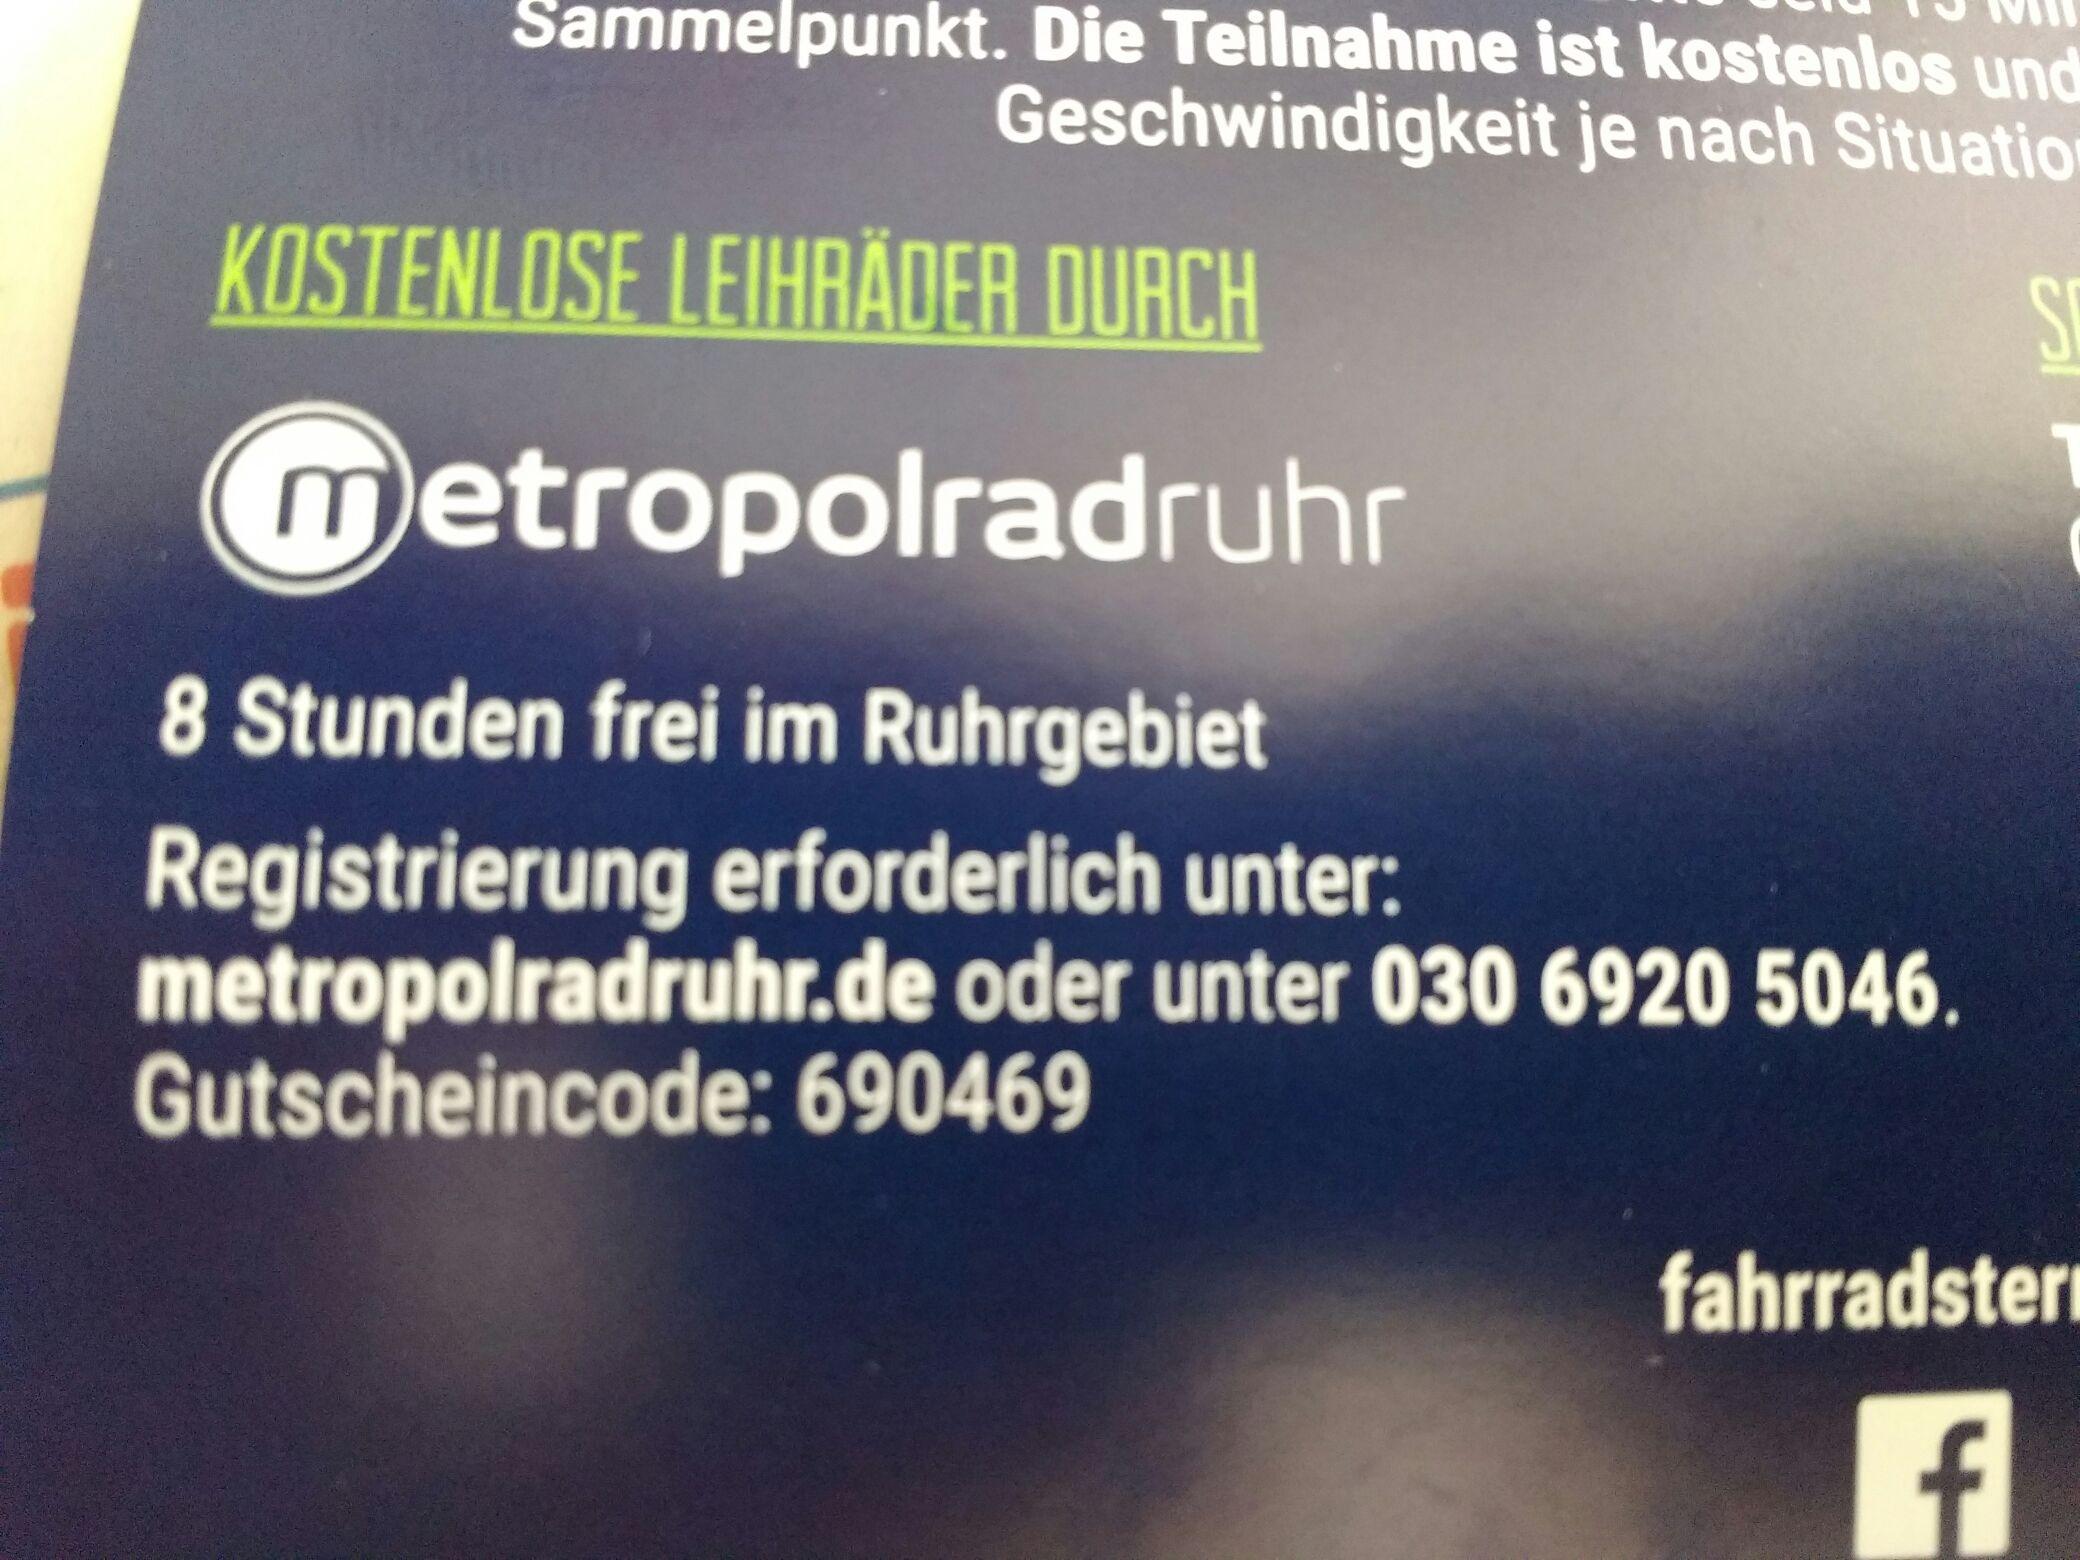 Metropolradruhr - 8 Stunden kostenlos Rad nutzen [Ruhrgebiet]